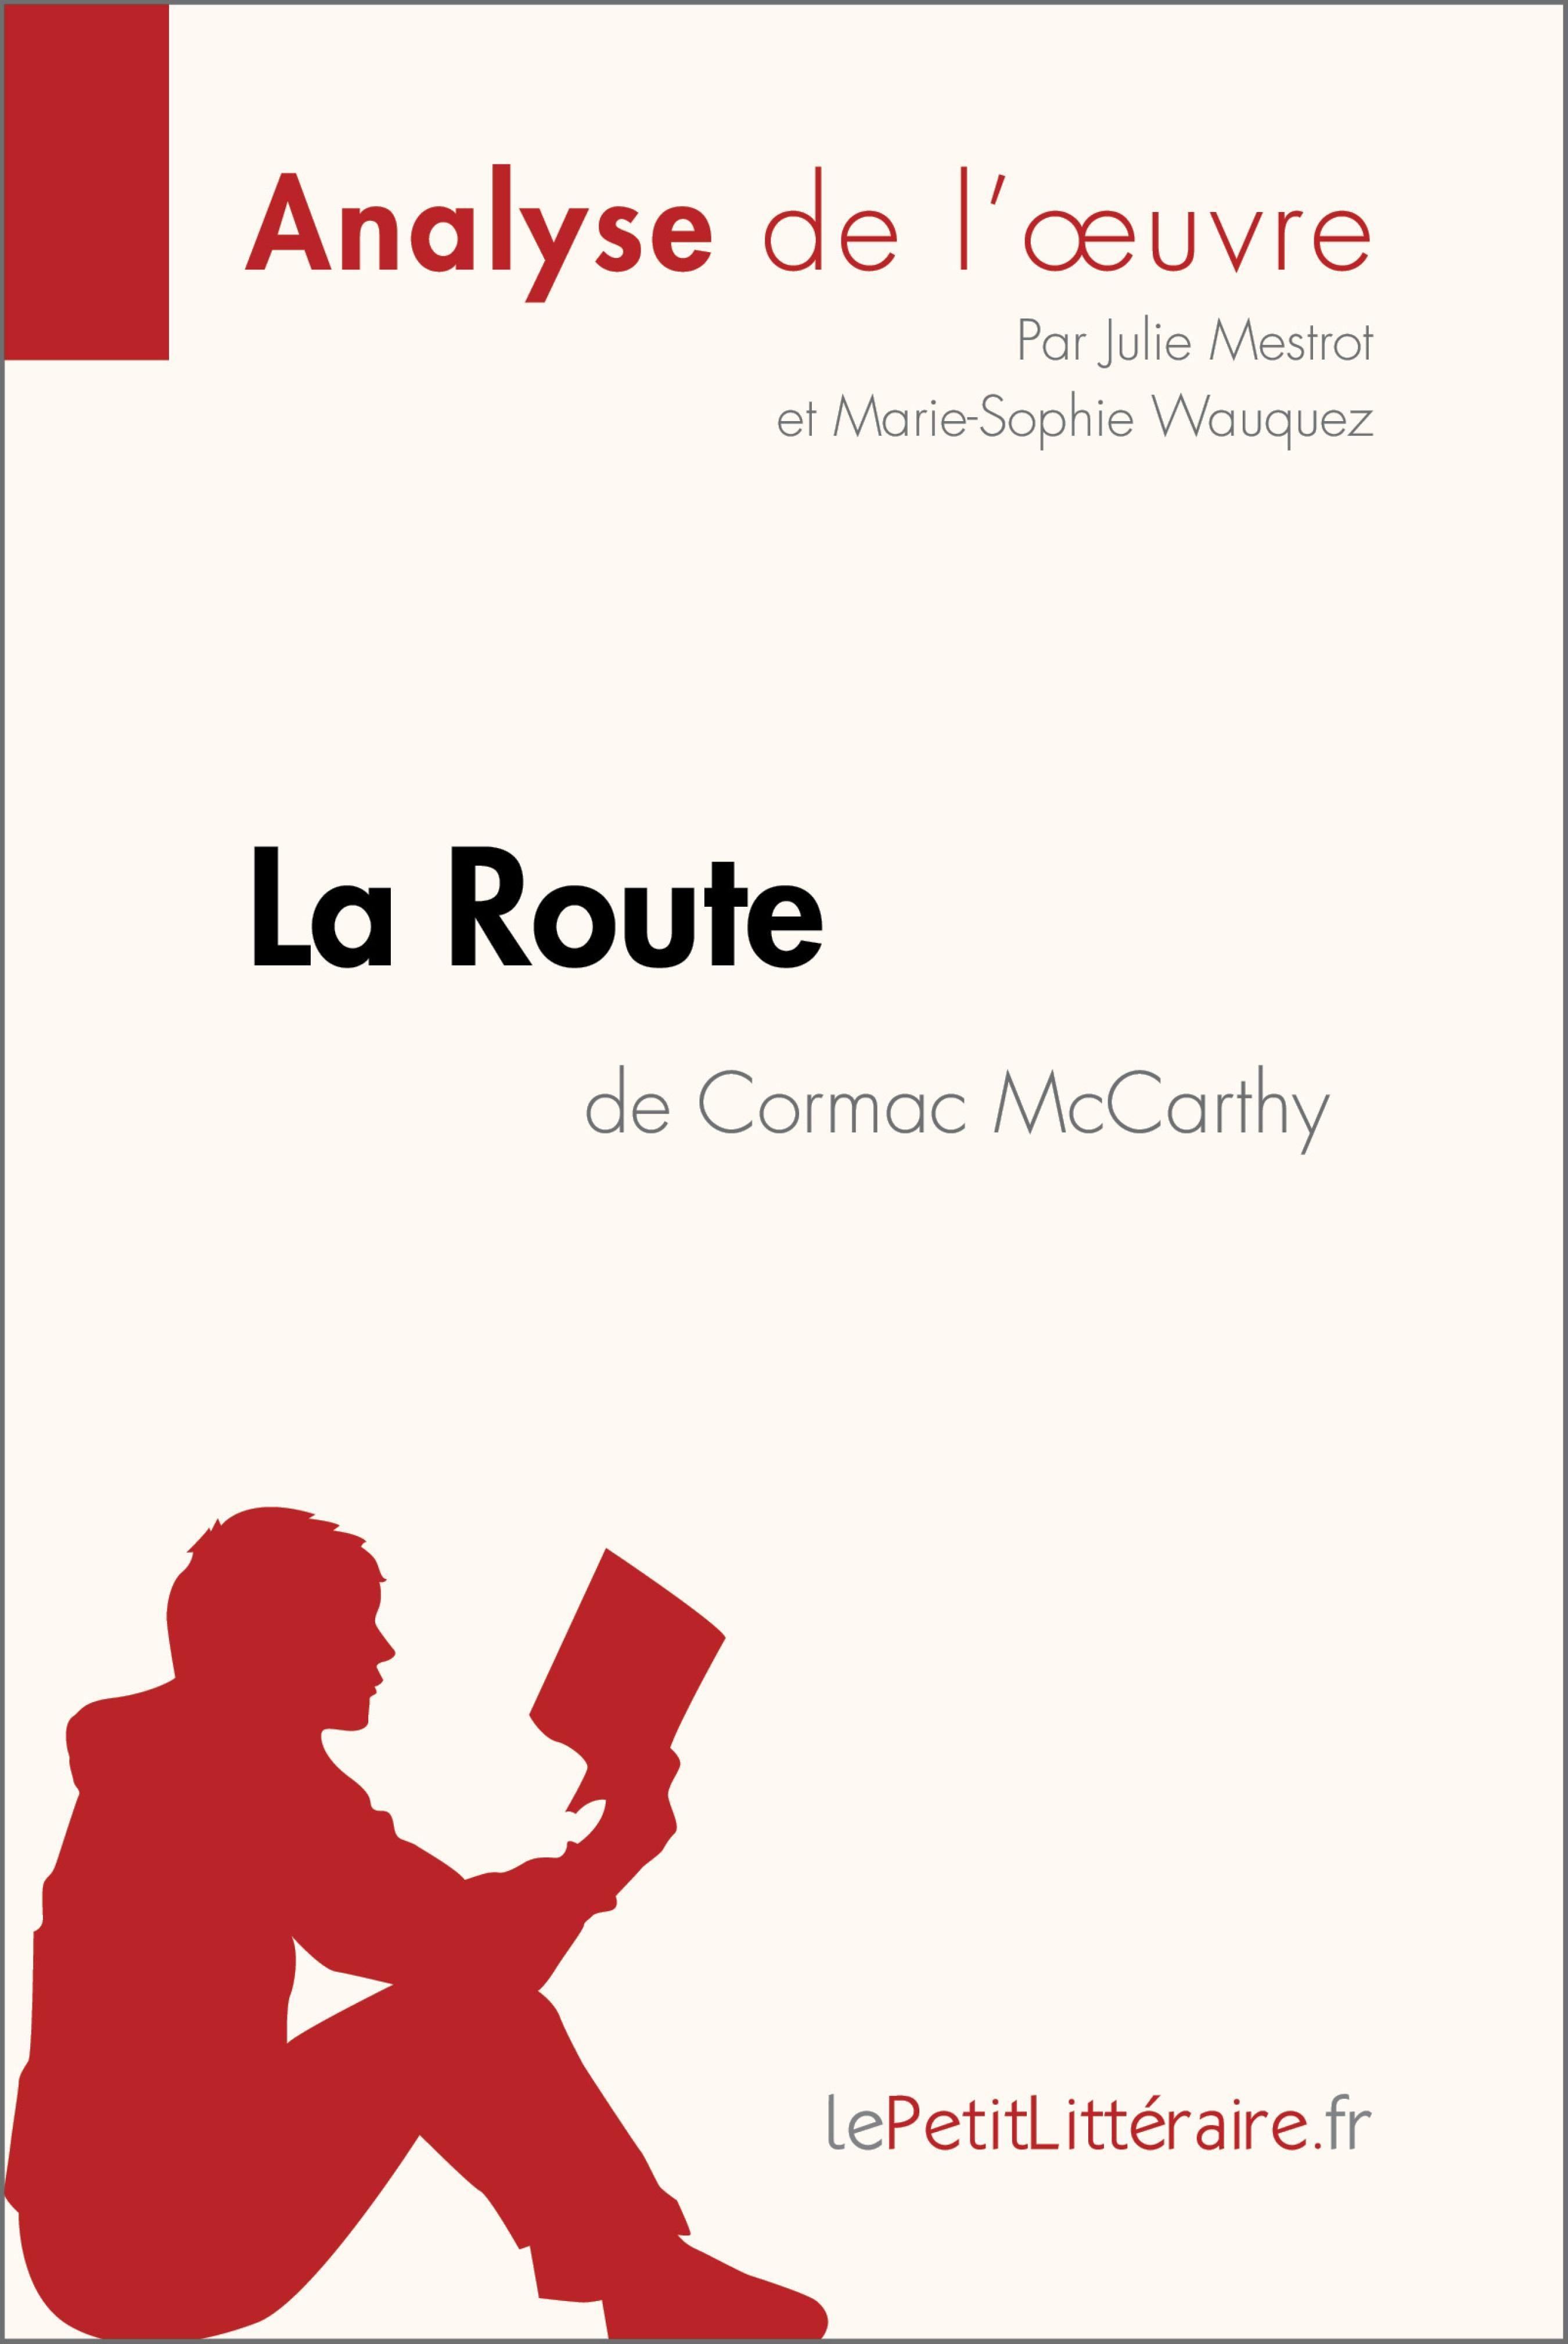 la route de cormac mccarthy (analyse de l'oeuvre) (ebook)- lepetitlittéraire.fr-9782806294197